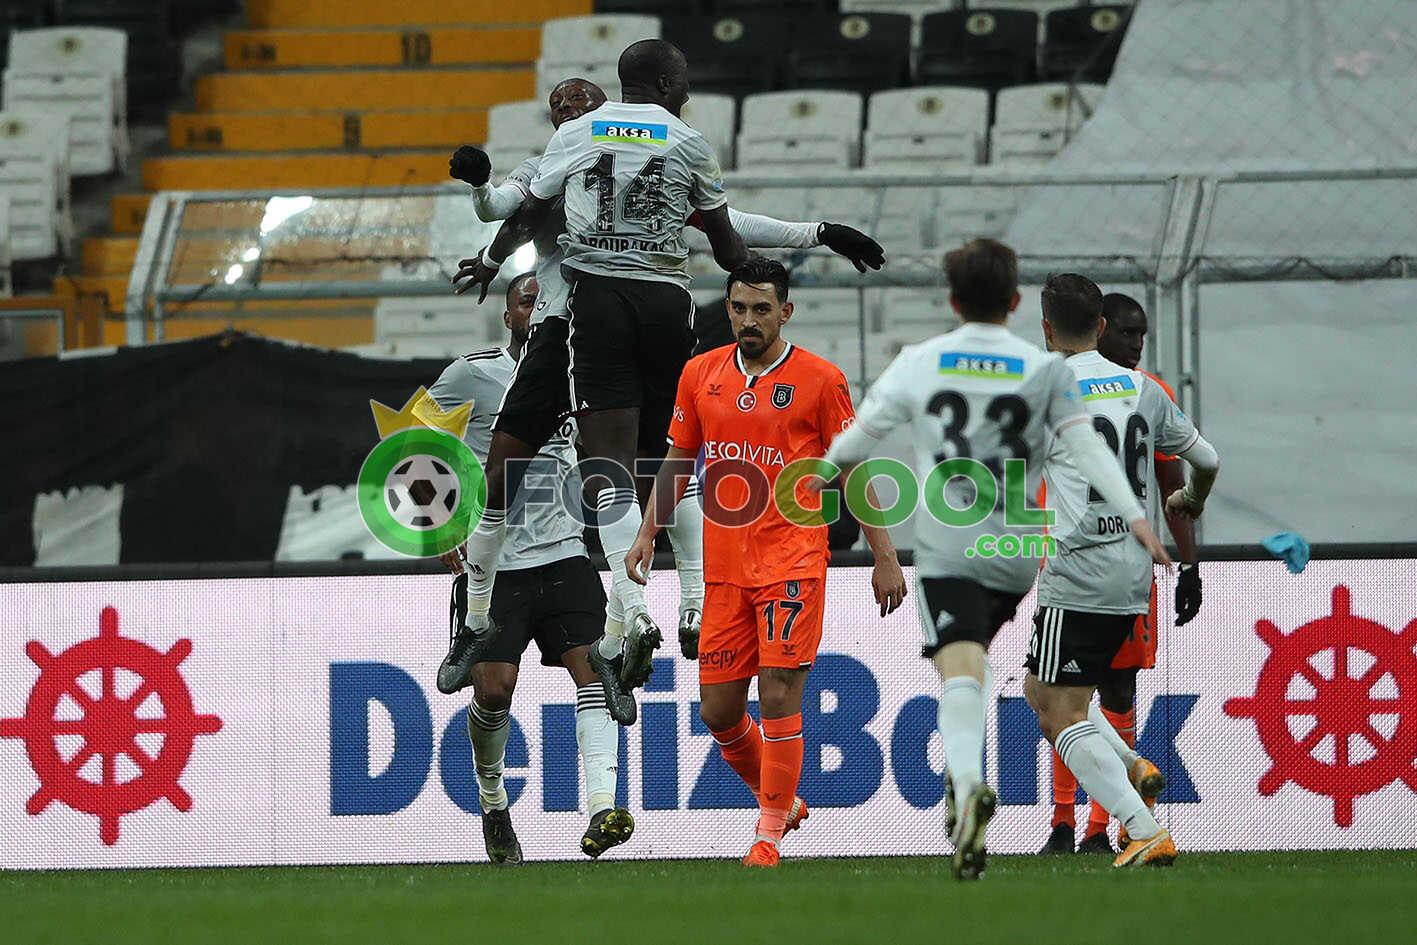 Beşiktaş , Medipol Başakşehir'e patladı 3-2